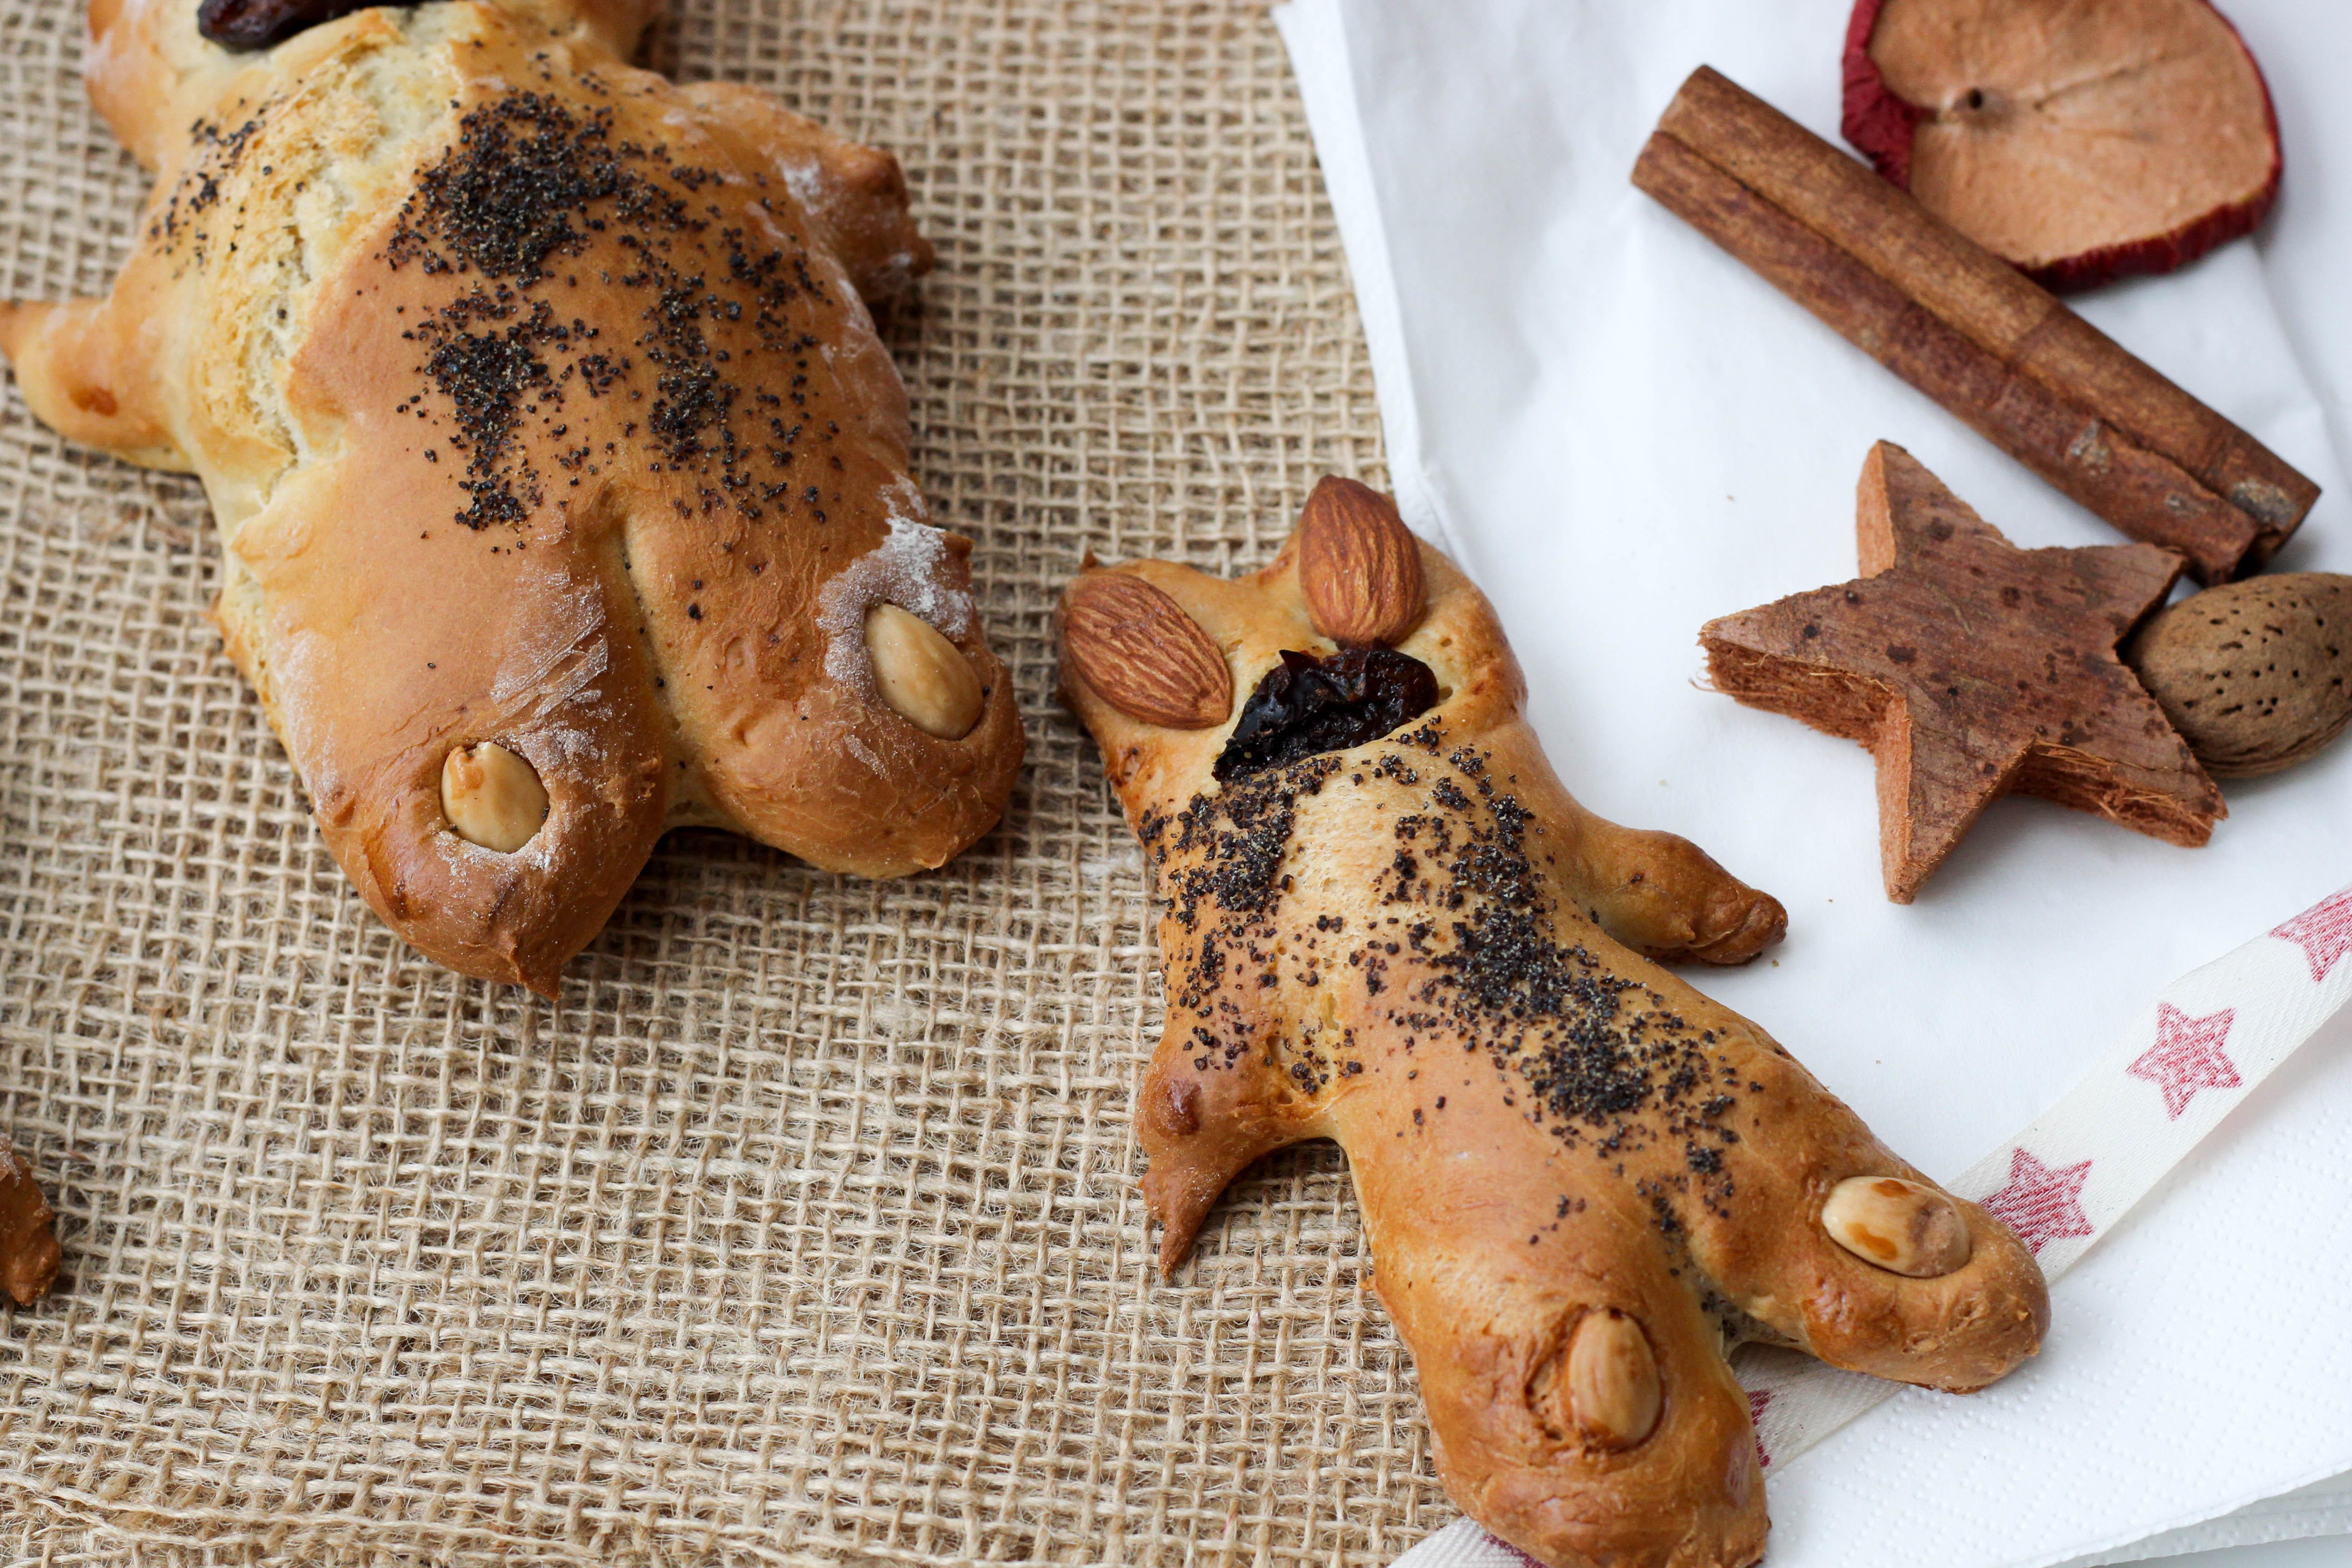 vegan-nikolaus-krampus-weihnachten-bratapfel-germteig-perchten-nuesse-christmas-soulfood-homespa-plantbased-30-von-35